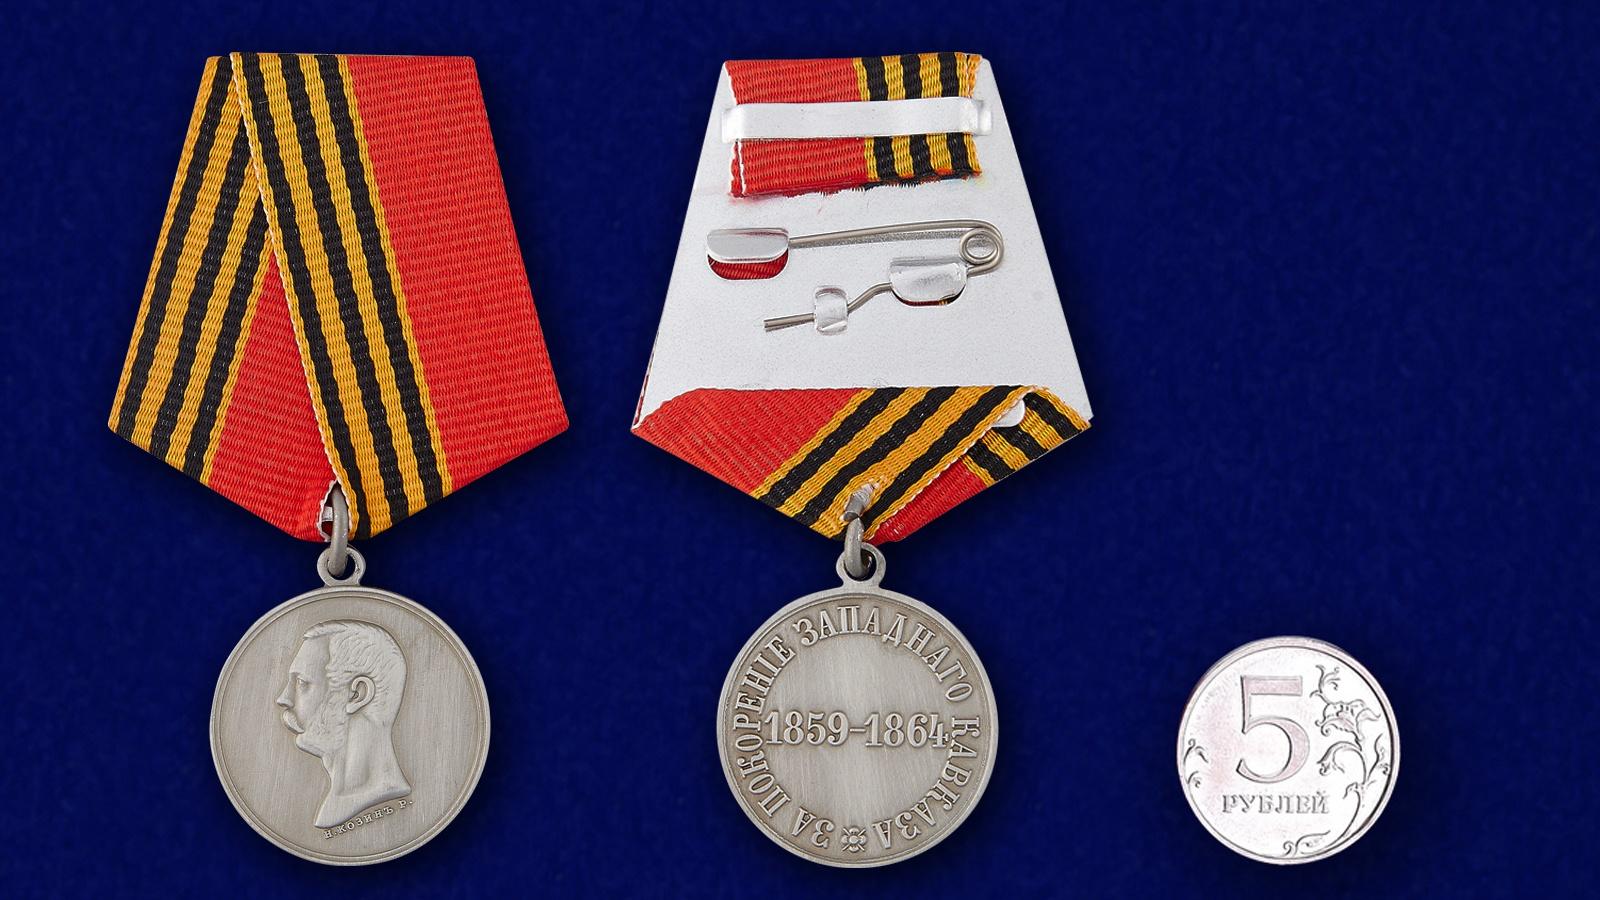 """Медаль """"За покорение Западного Кавказа 1859-1864 гг."""" - сравнительный размер"""